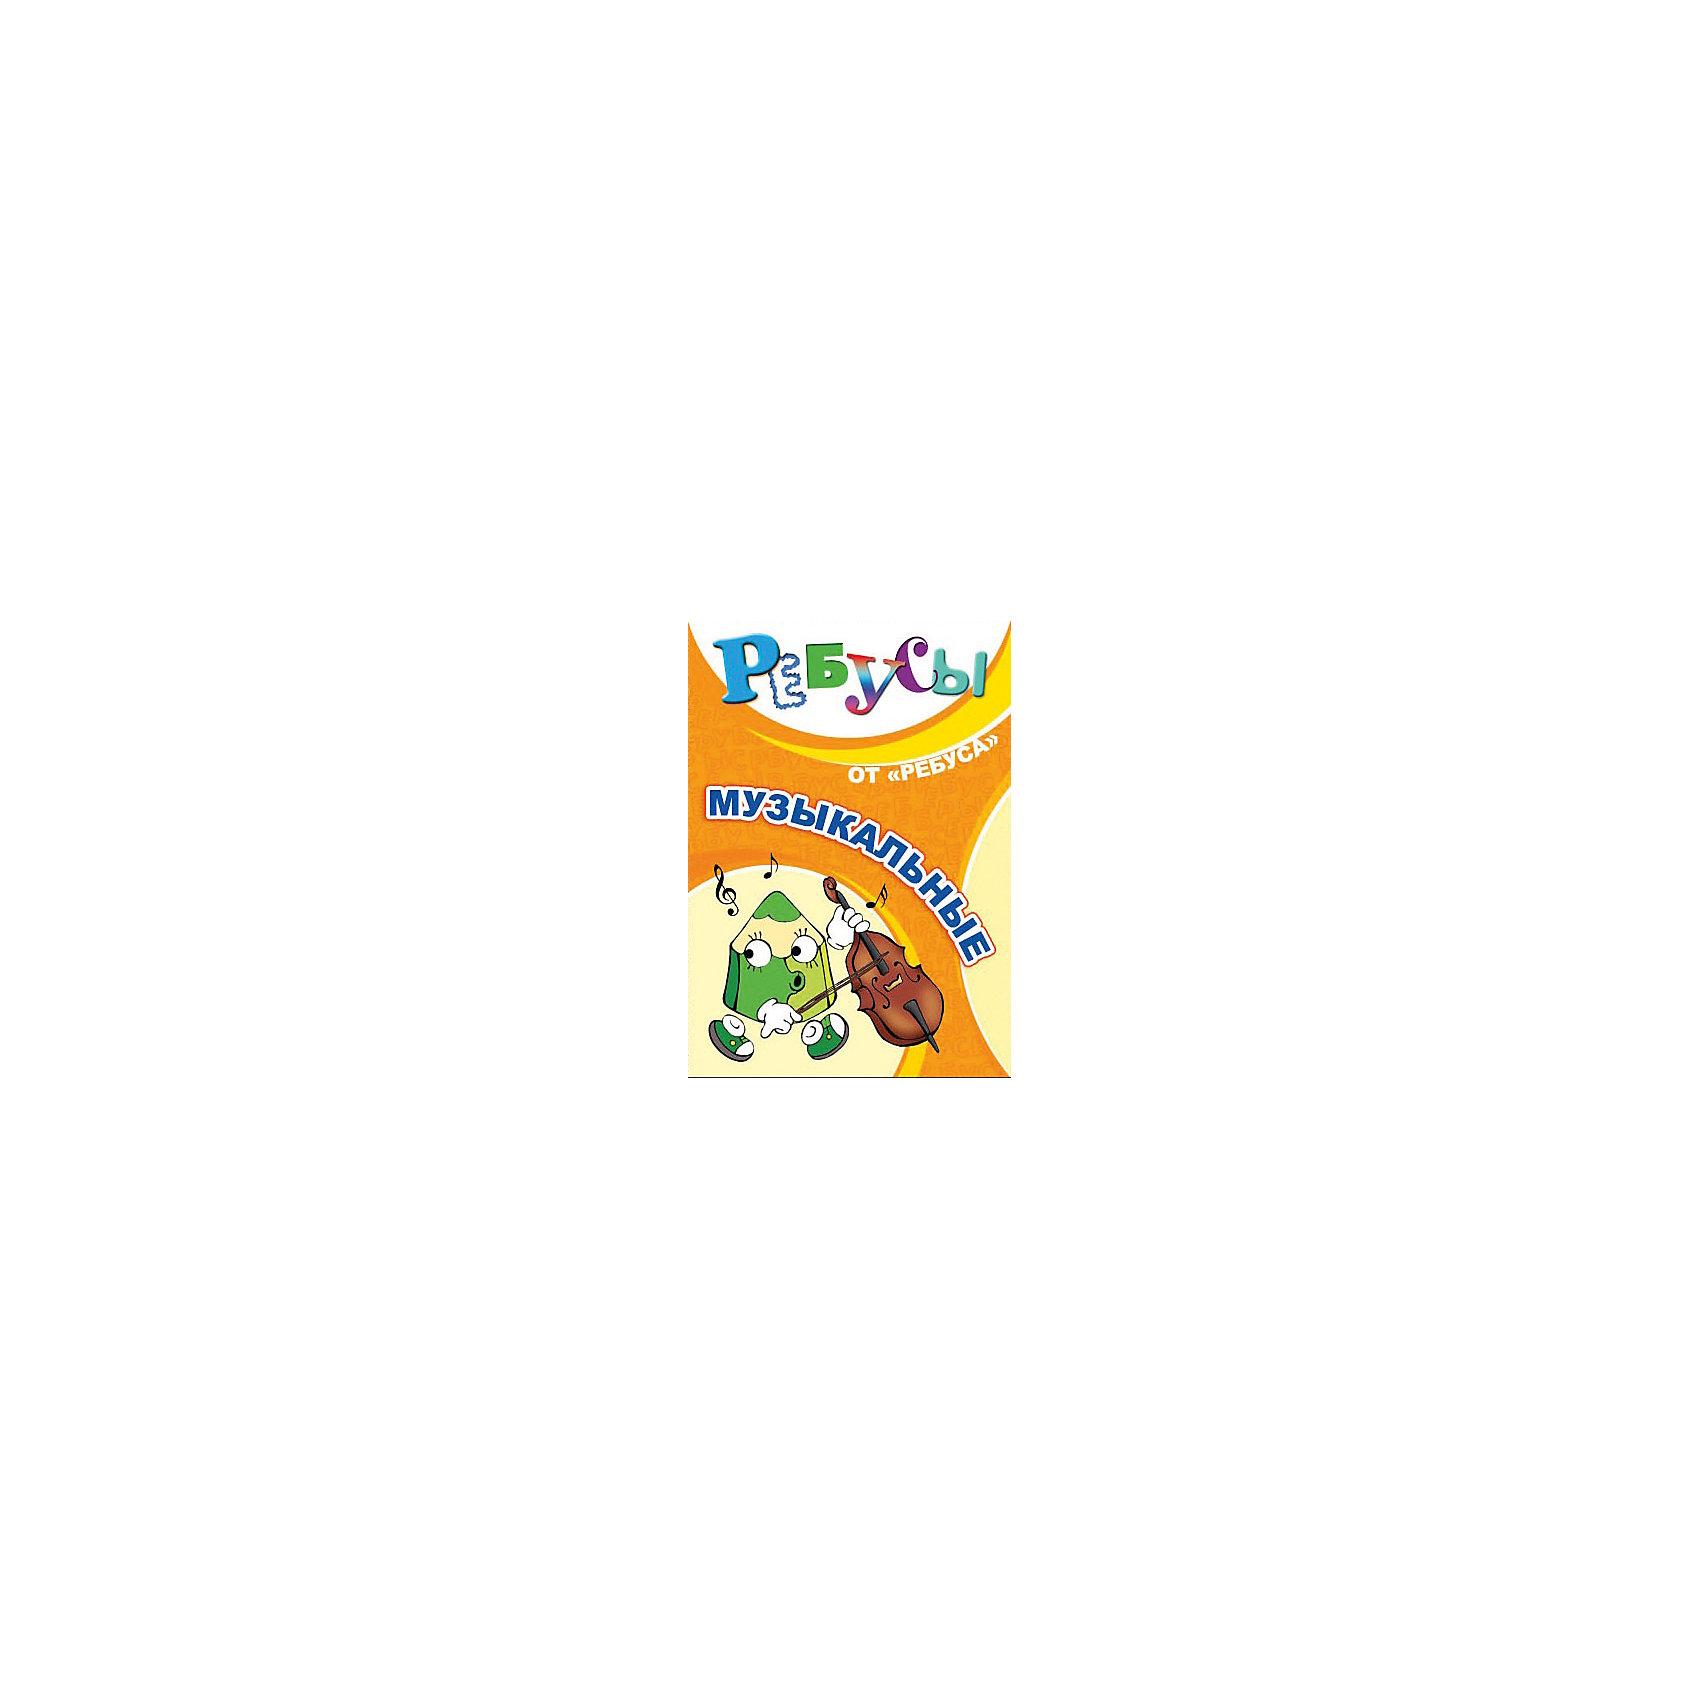 Ребусы Музыкальные, Игротека Татьяны БарчанВикторины и ребусы<br>Ребусы Музыкальные, Игротека Татьяны Барчан.<br><br>Характеристики:<br><br>• Для детей в возрасте: от 6 до 12 лет<br>• В комплекте: 20 карточек с ребусами, ответы, инструкция<br>• Размер карточек: 10,5х6,5 см.<br>• Материал: плотный качественный картон<br>• Производитель: ЦОТР Ребус (Россия)<br>• Упаковка: картонная коробка<br>• Размер упаковки: 115х85х20 мм.<br>• Вес: 55 гр.<br><br>Познакомить ребенка с названиями музыкальных инструментов и музыкальными терминами можно во время веселой и занимательной игры - разгадывания ребусов. В комплекте вы найдете 20 карточек с зашифрованными словами, а также правила разгадывания ребусов. <br><br>Задания можно использовать в конкурсах, викторинах, на праздниках. Небольшой формат позволяет взять игру в дорогу. Занимательный процесс разгадывания ребусов способствует развитию у детей внимания, пространственно-логического мышления и наблюдательности.<br><br>Ребусы Музыкальные, Игротека Татьяны Барчан можно купить в нашем интернет-магазине.<br><br>Ширина мм: 120<br>Глубина мм: 85<br>Высота мм: 20<br>Вес г: 50<br>Возраст от месяцев: 72<br>Возраст до месяцев: 144<br>Пол: Унисекс<br>Возраст: Детский<br>SKU: 6751359